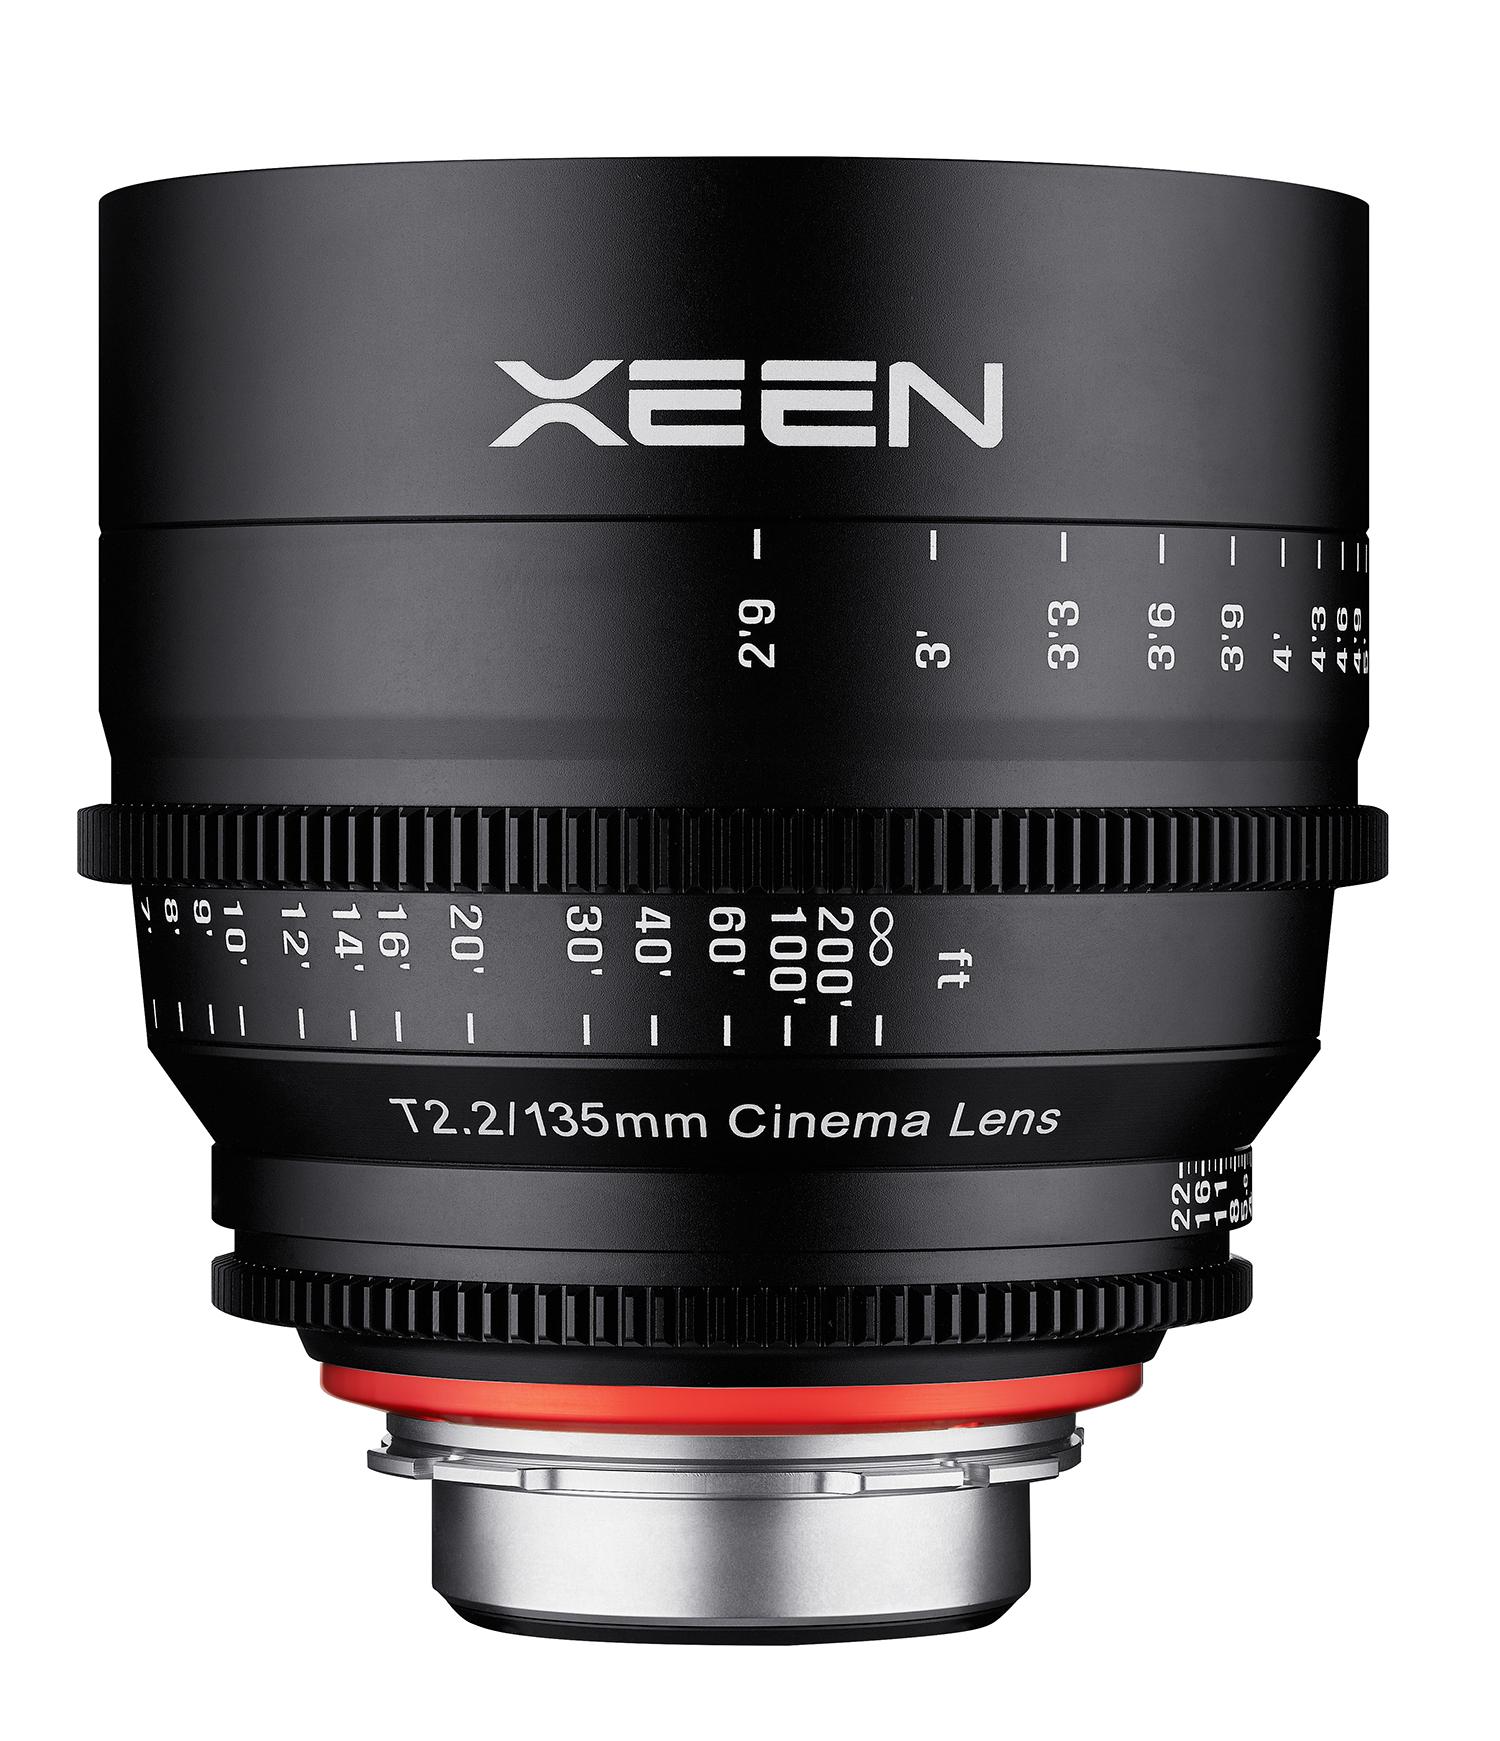 Samyang Rokinon Xeen 135mm T2.2 - obiektyw do Canon EF Samyang obiektyw kinematograficzny